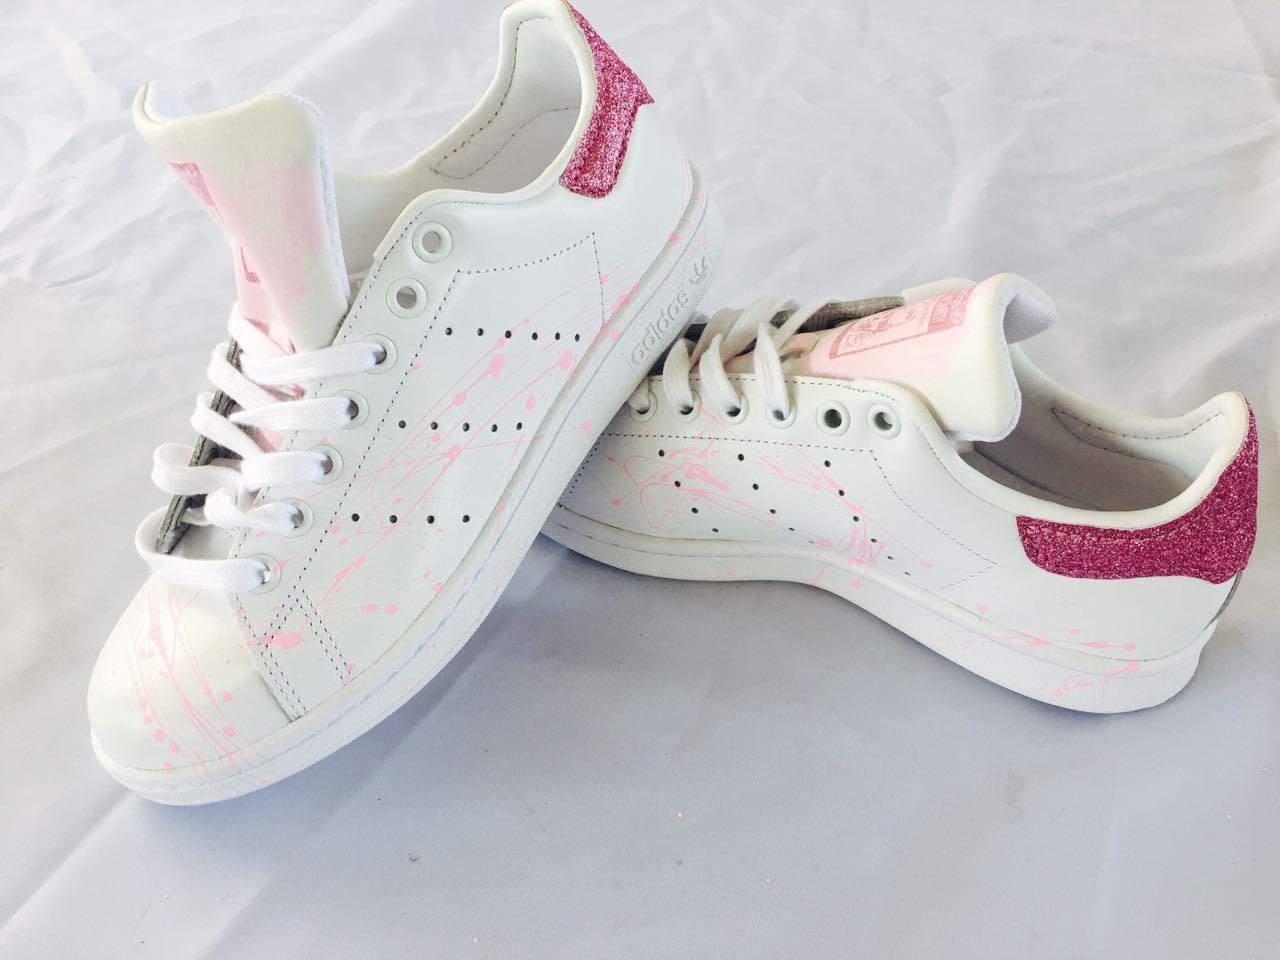 scarpe adidas stan smith  con glitter glitter glitter e sporcatura rosa 4f7478